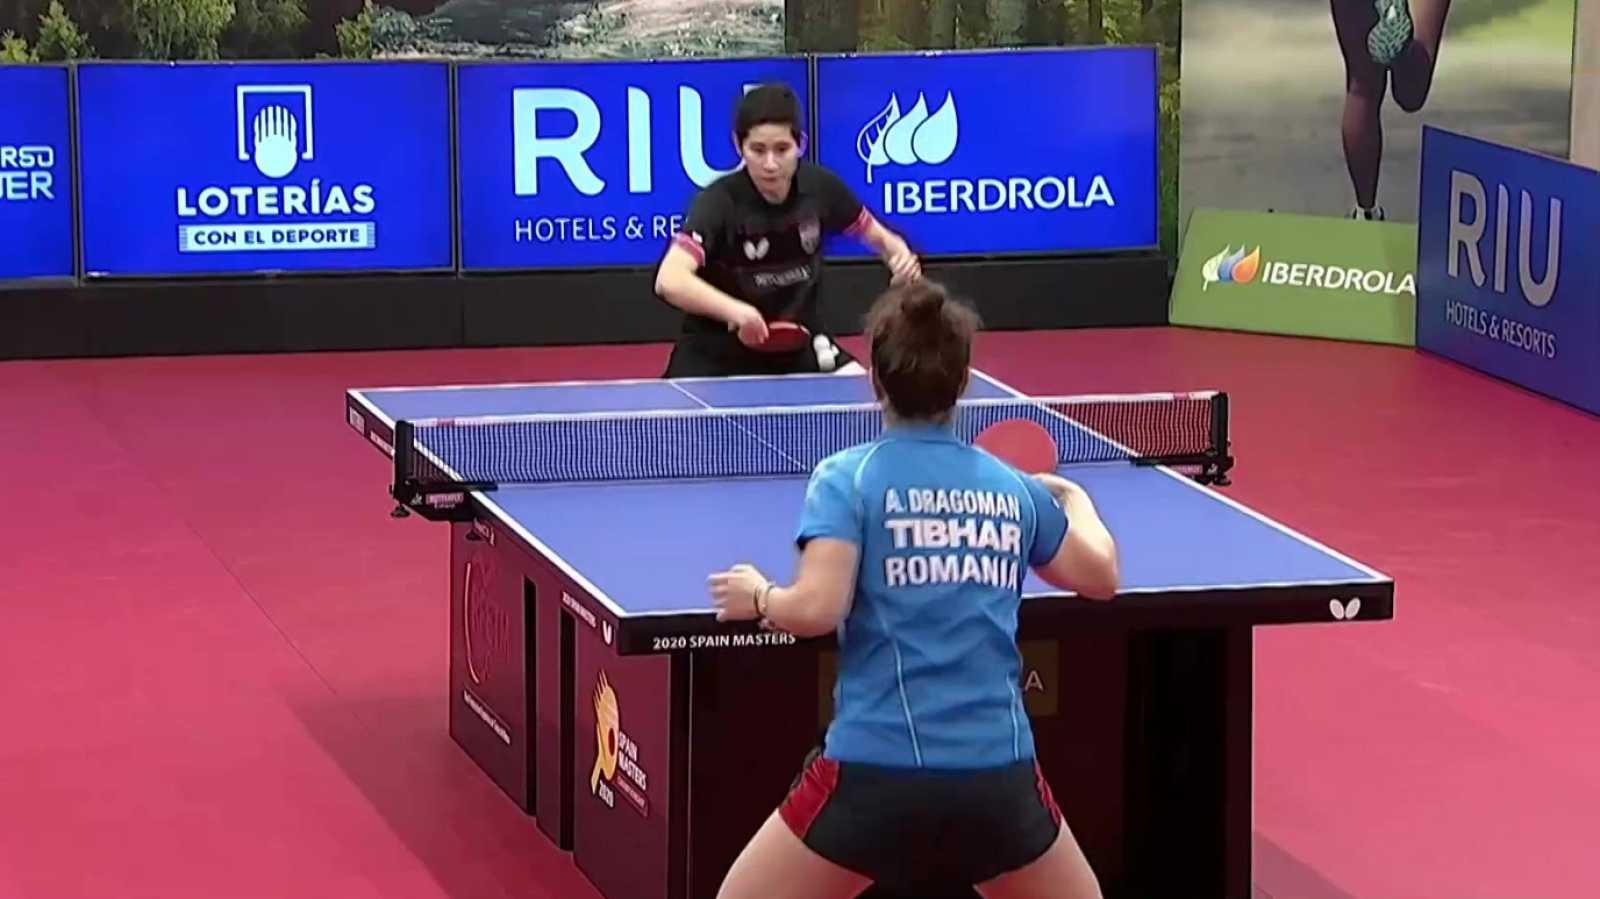 Tenis de mesa - Master internacional masculino y femenino (II). Final femenina desde Madrid - ver ahora